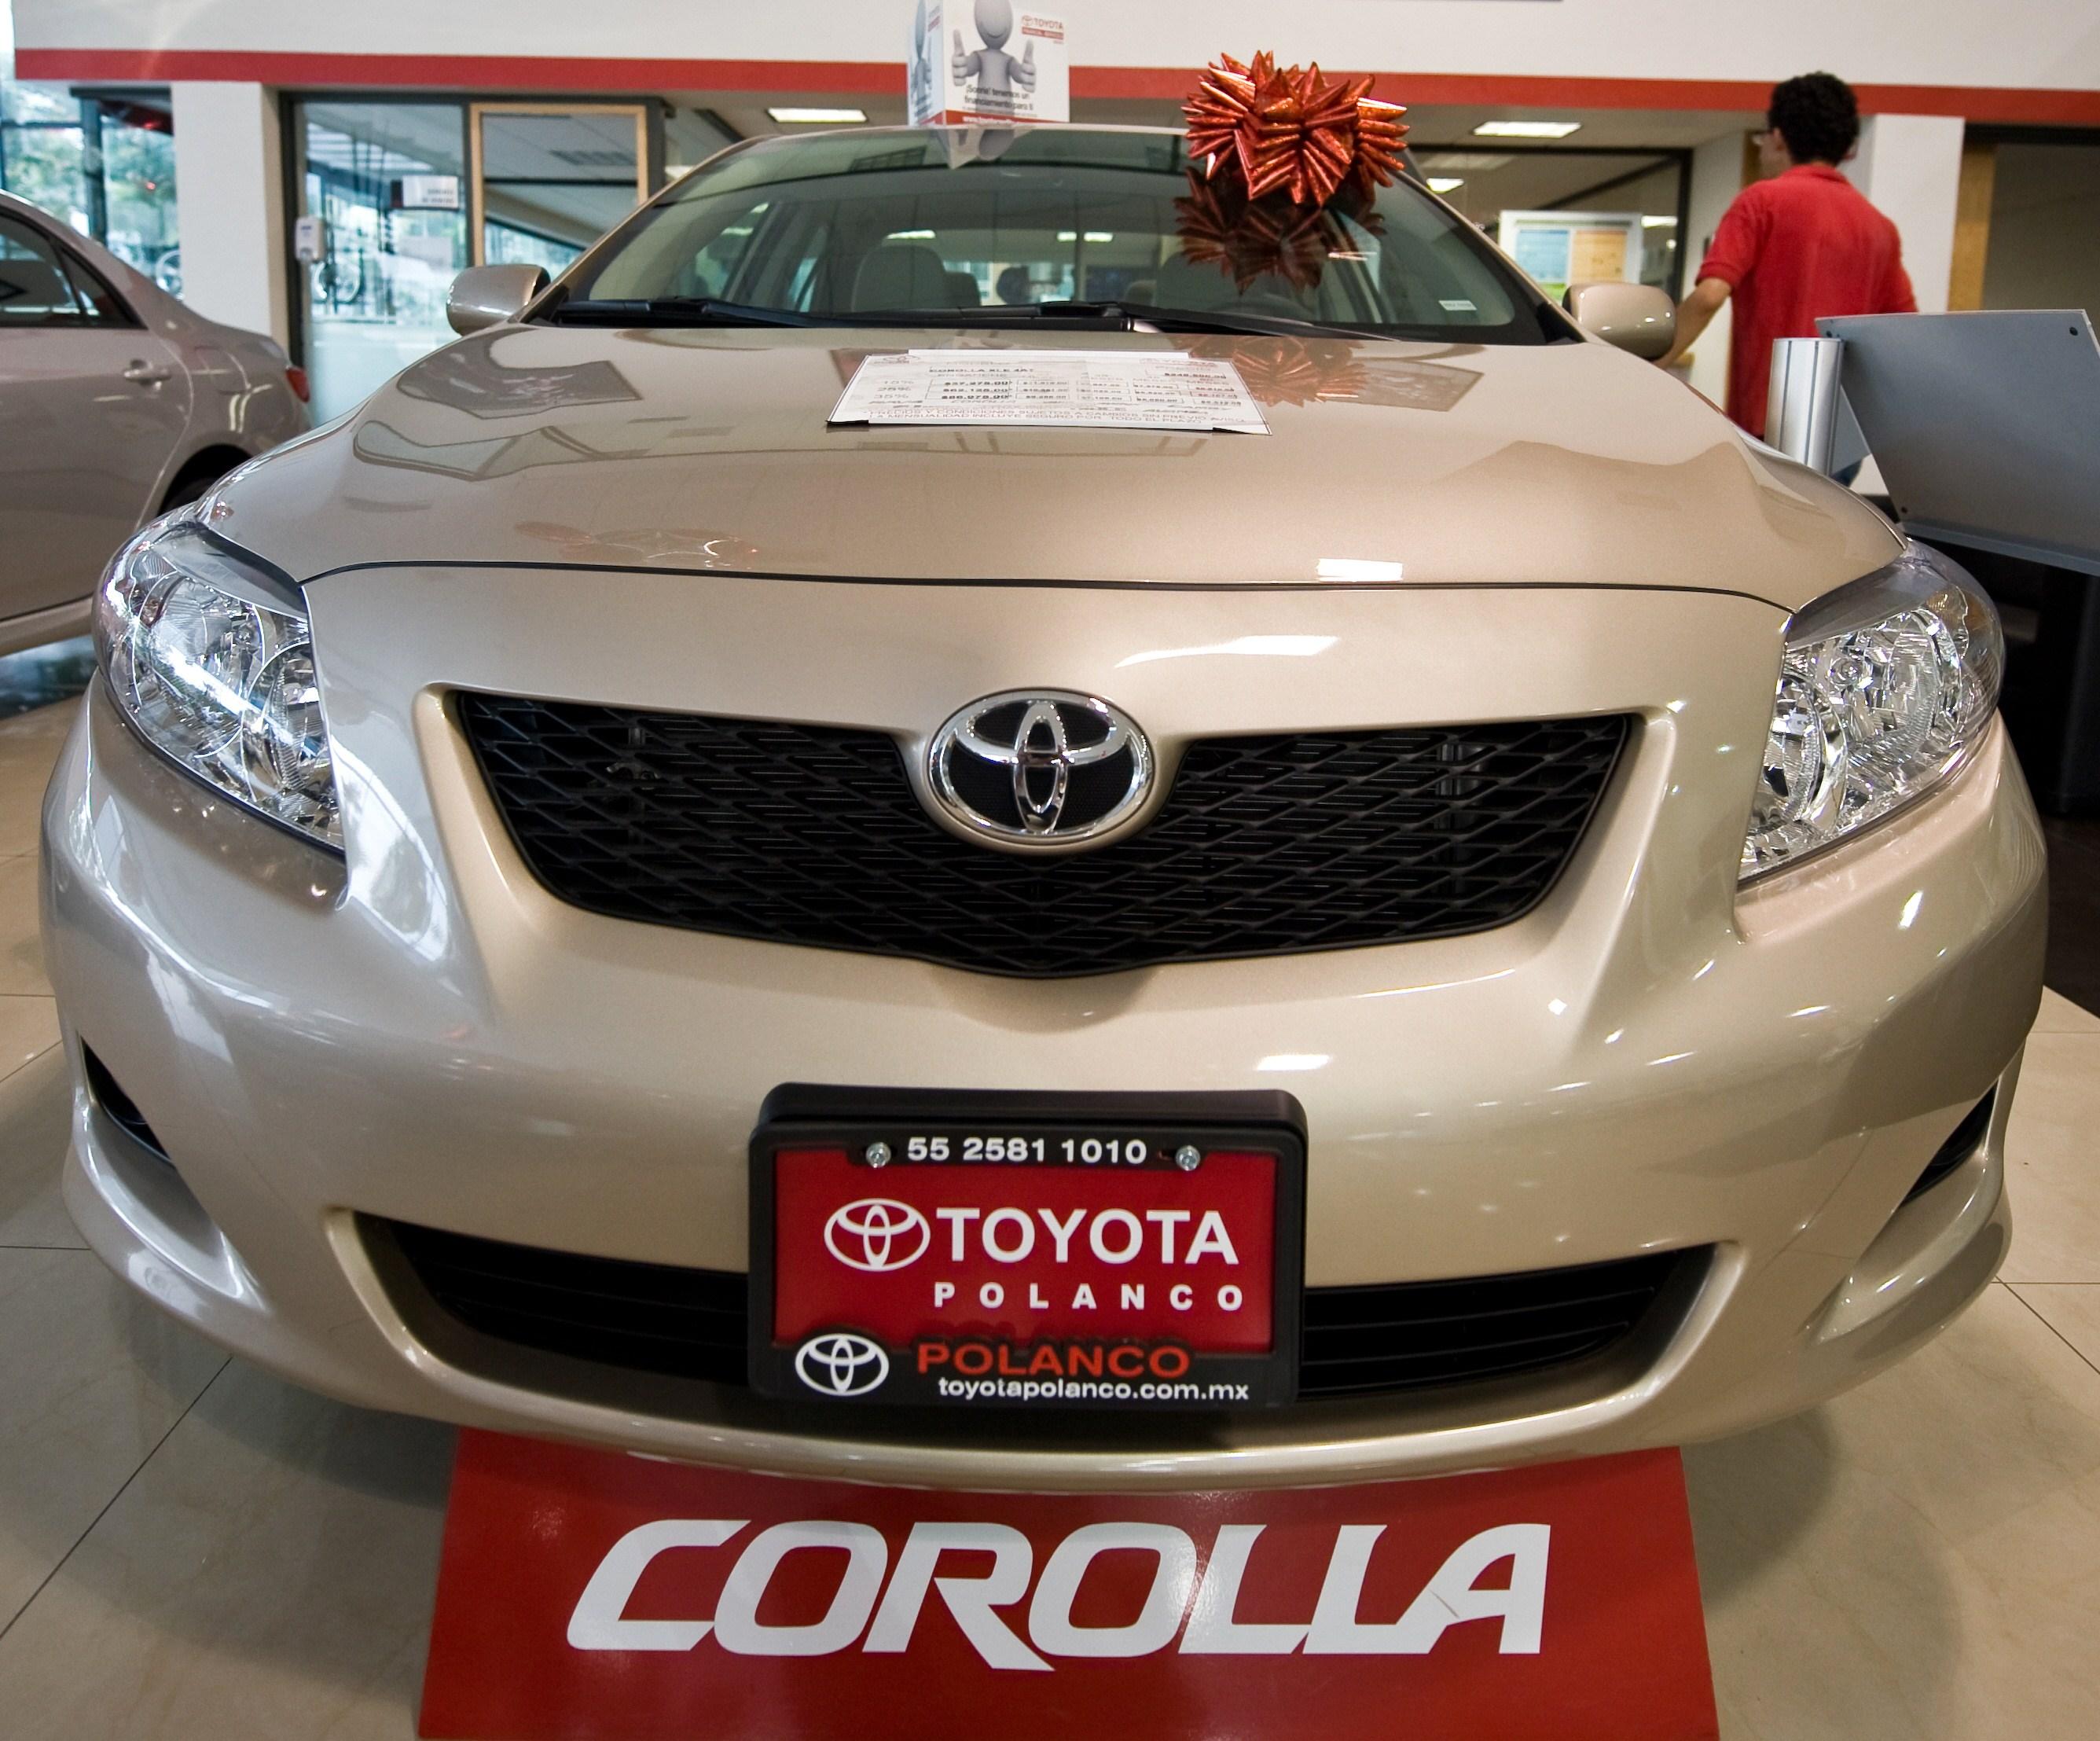 Toyota recheama aproape 1 milion de masini in America de Nord si Japonia din cauza unor probleme